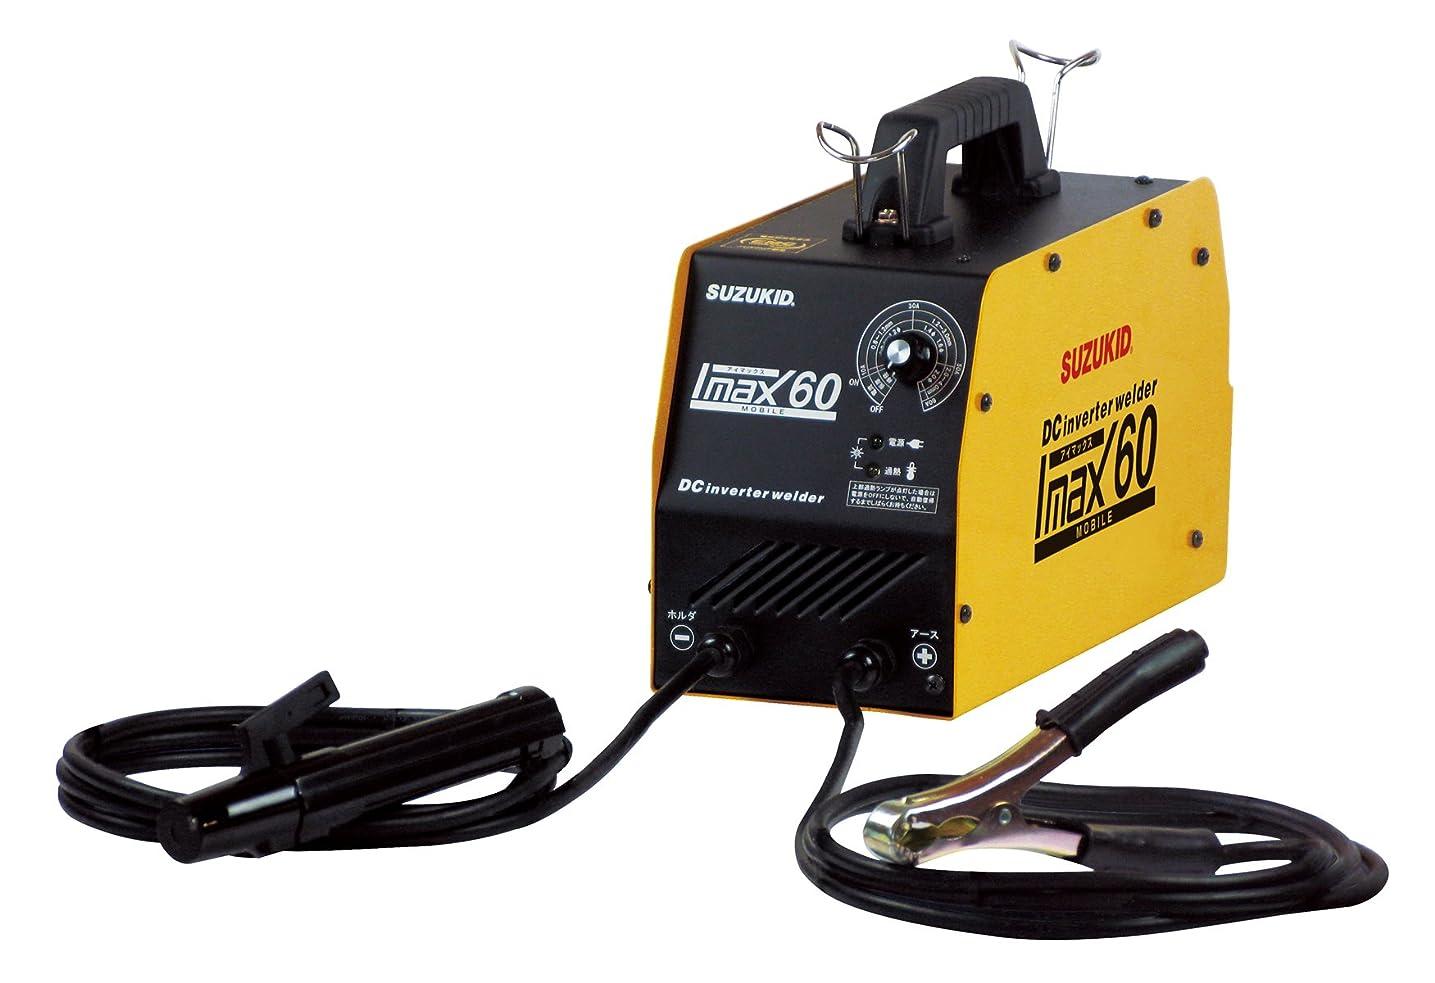 バリーアリミリメートルスズキッド(SUZUKID) 100V専用直流インバータ溶接機 アイマックス60 SIM-60